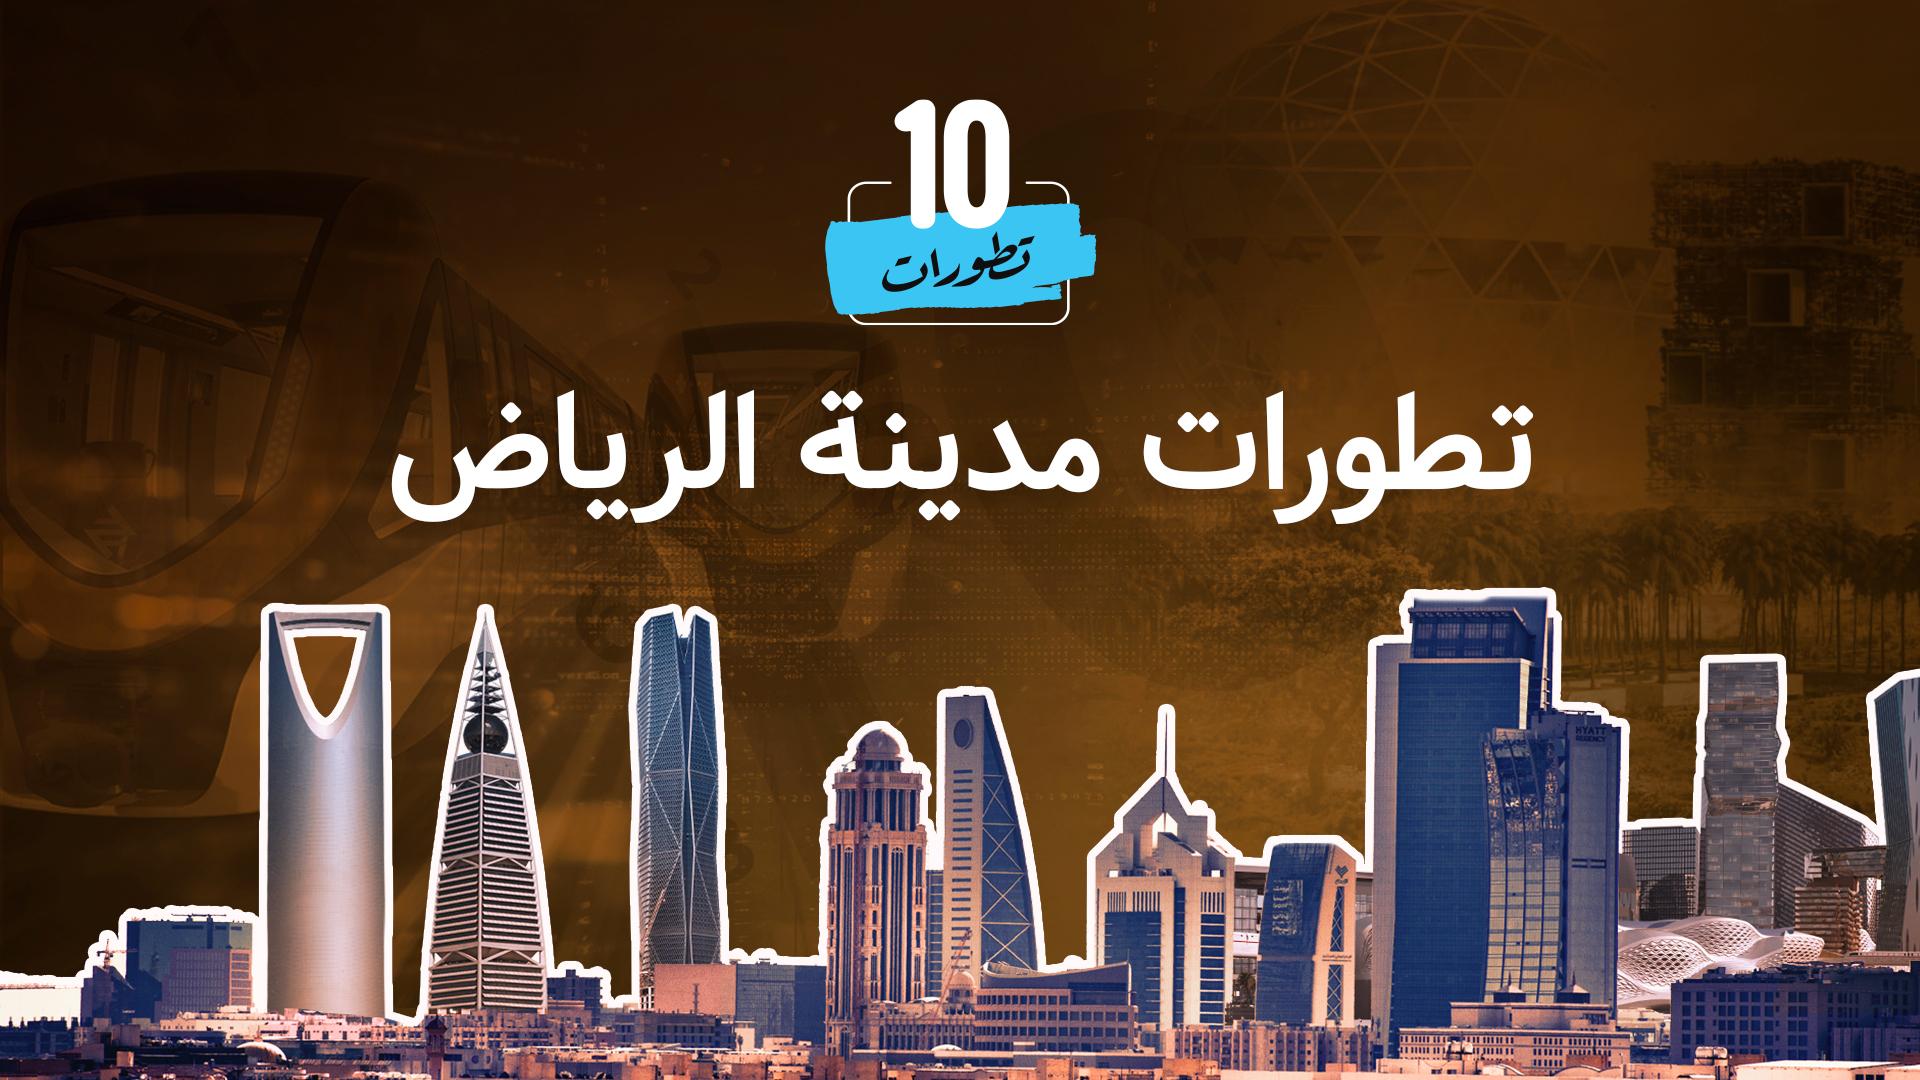 مشاريع ضخمة ستغير من ملامح الرياض